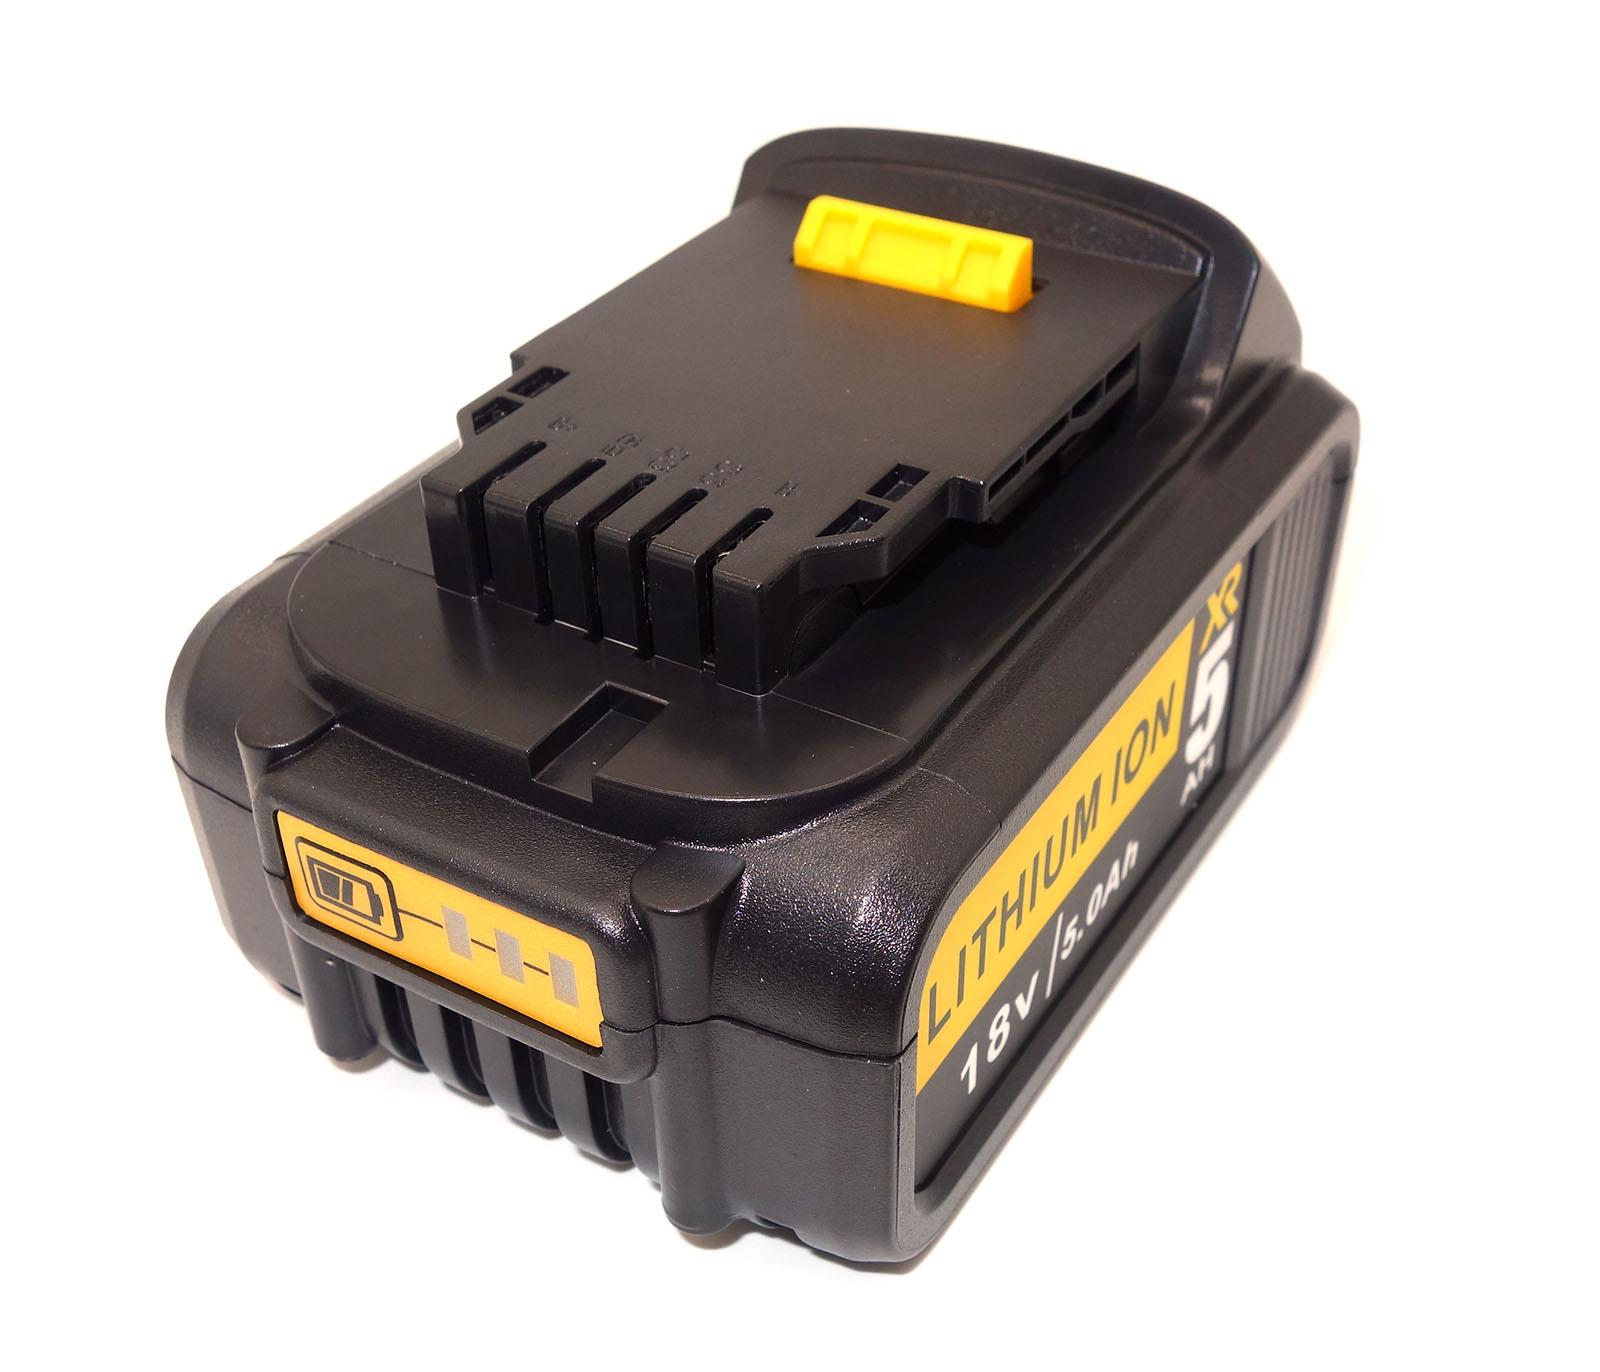 For Dewalt Dcb184 18v 5 0ah Li Ion Xr Slide Battery Dcd985